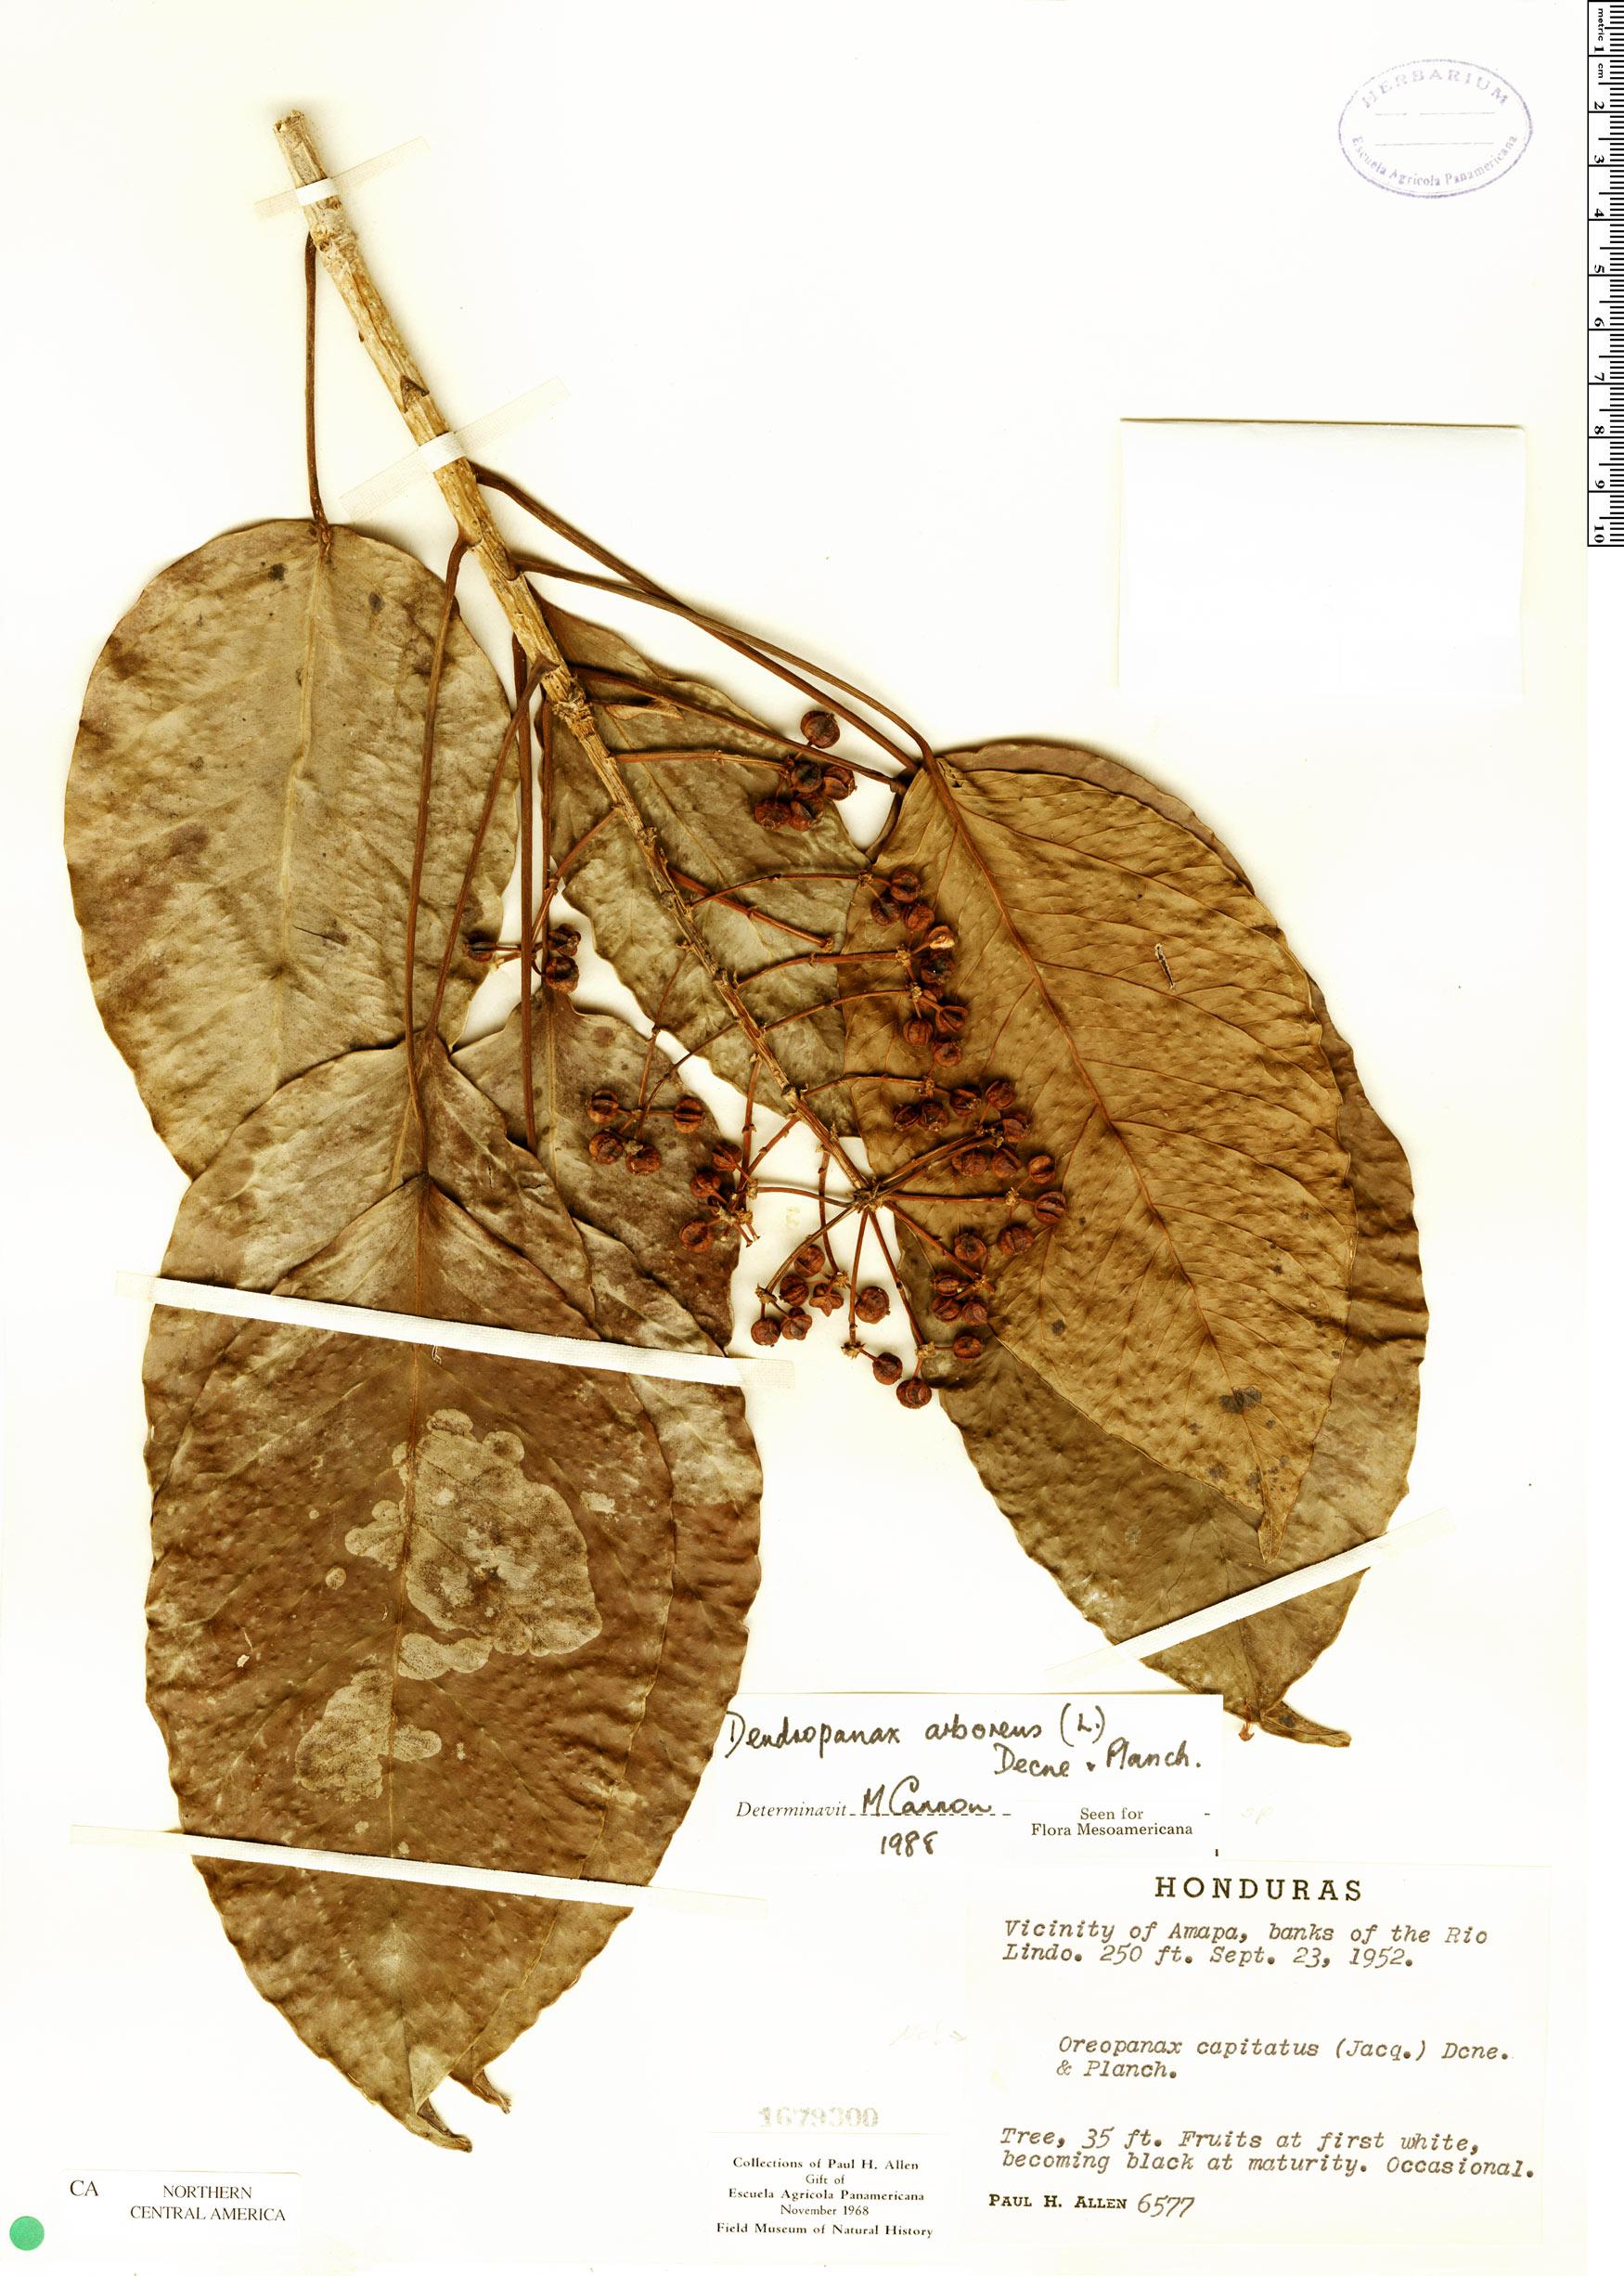 Specimen: Dendropanax arboreus